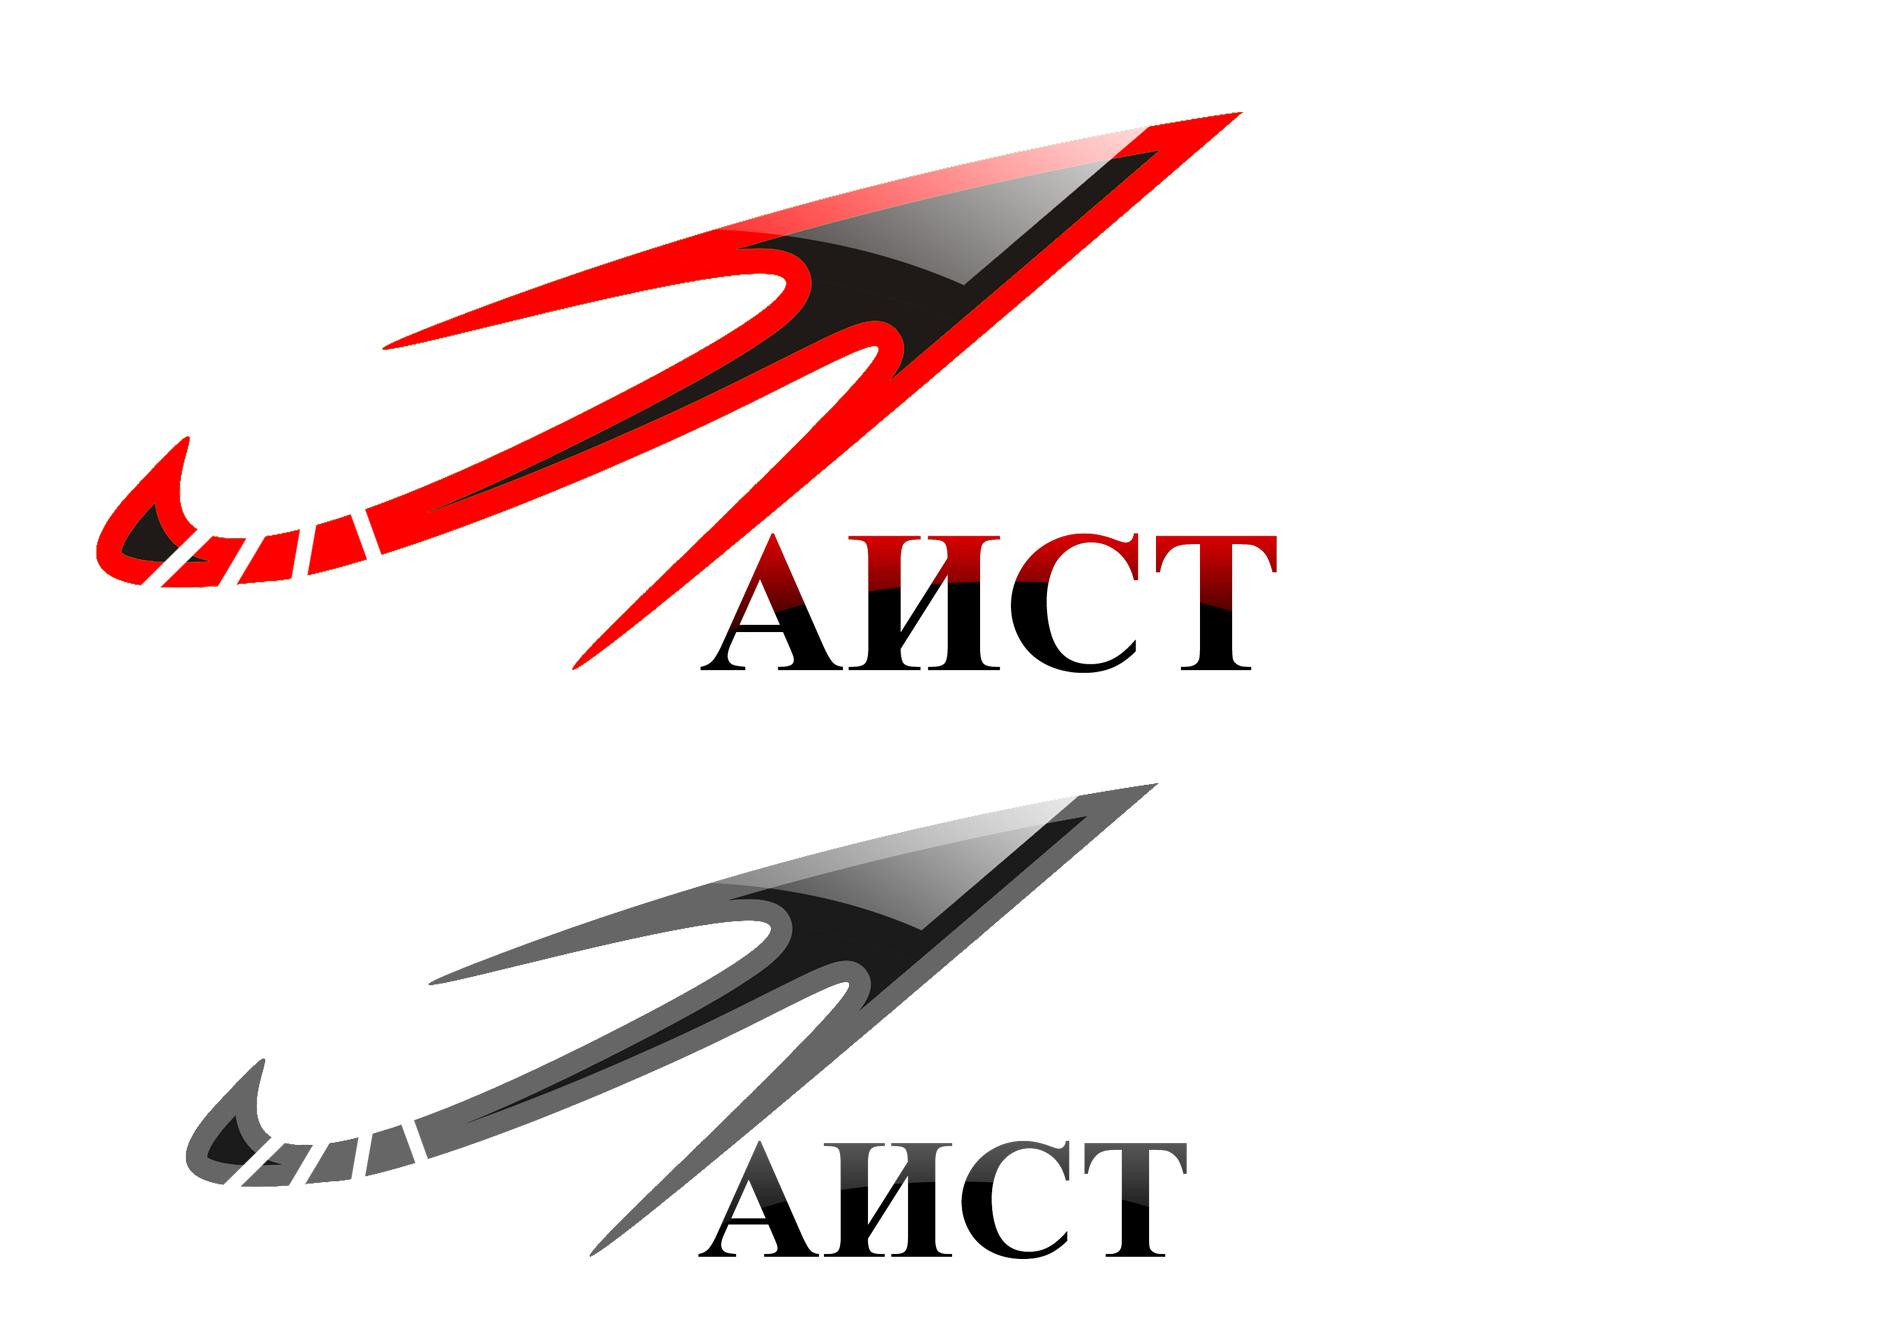 Лого и фирменный стиль (бланк, визитка) фото f_806517ec4d6cbc49.jpg